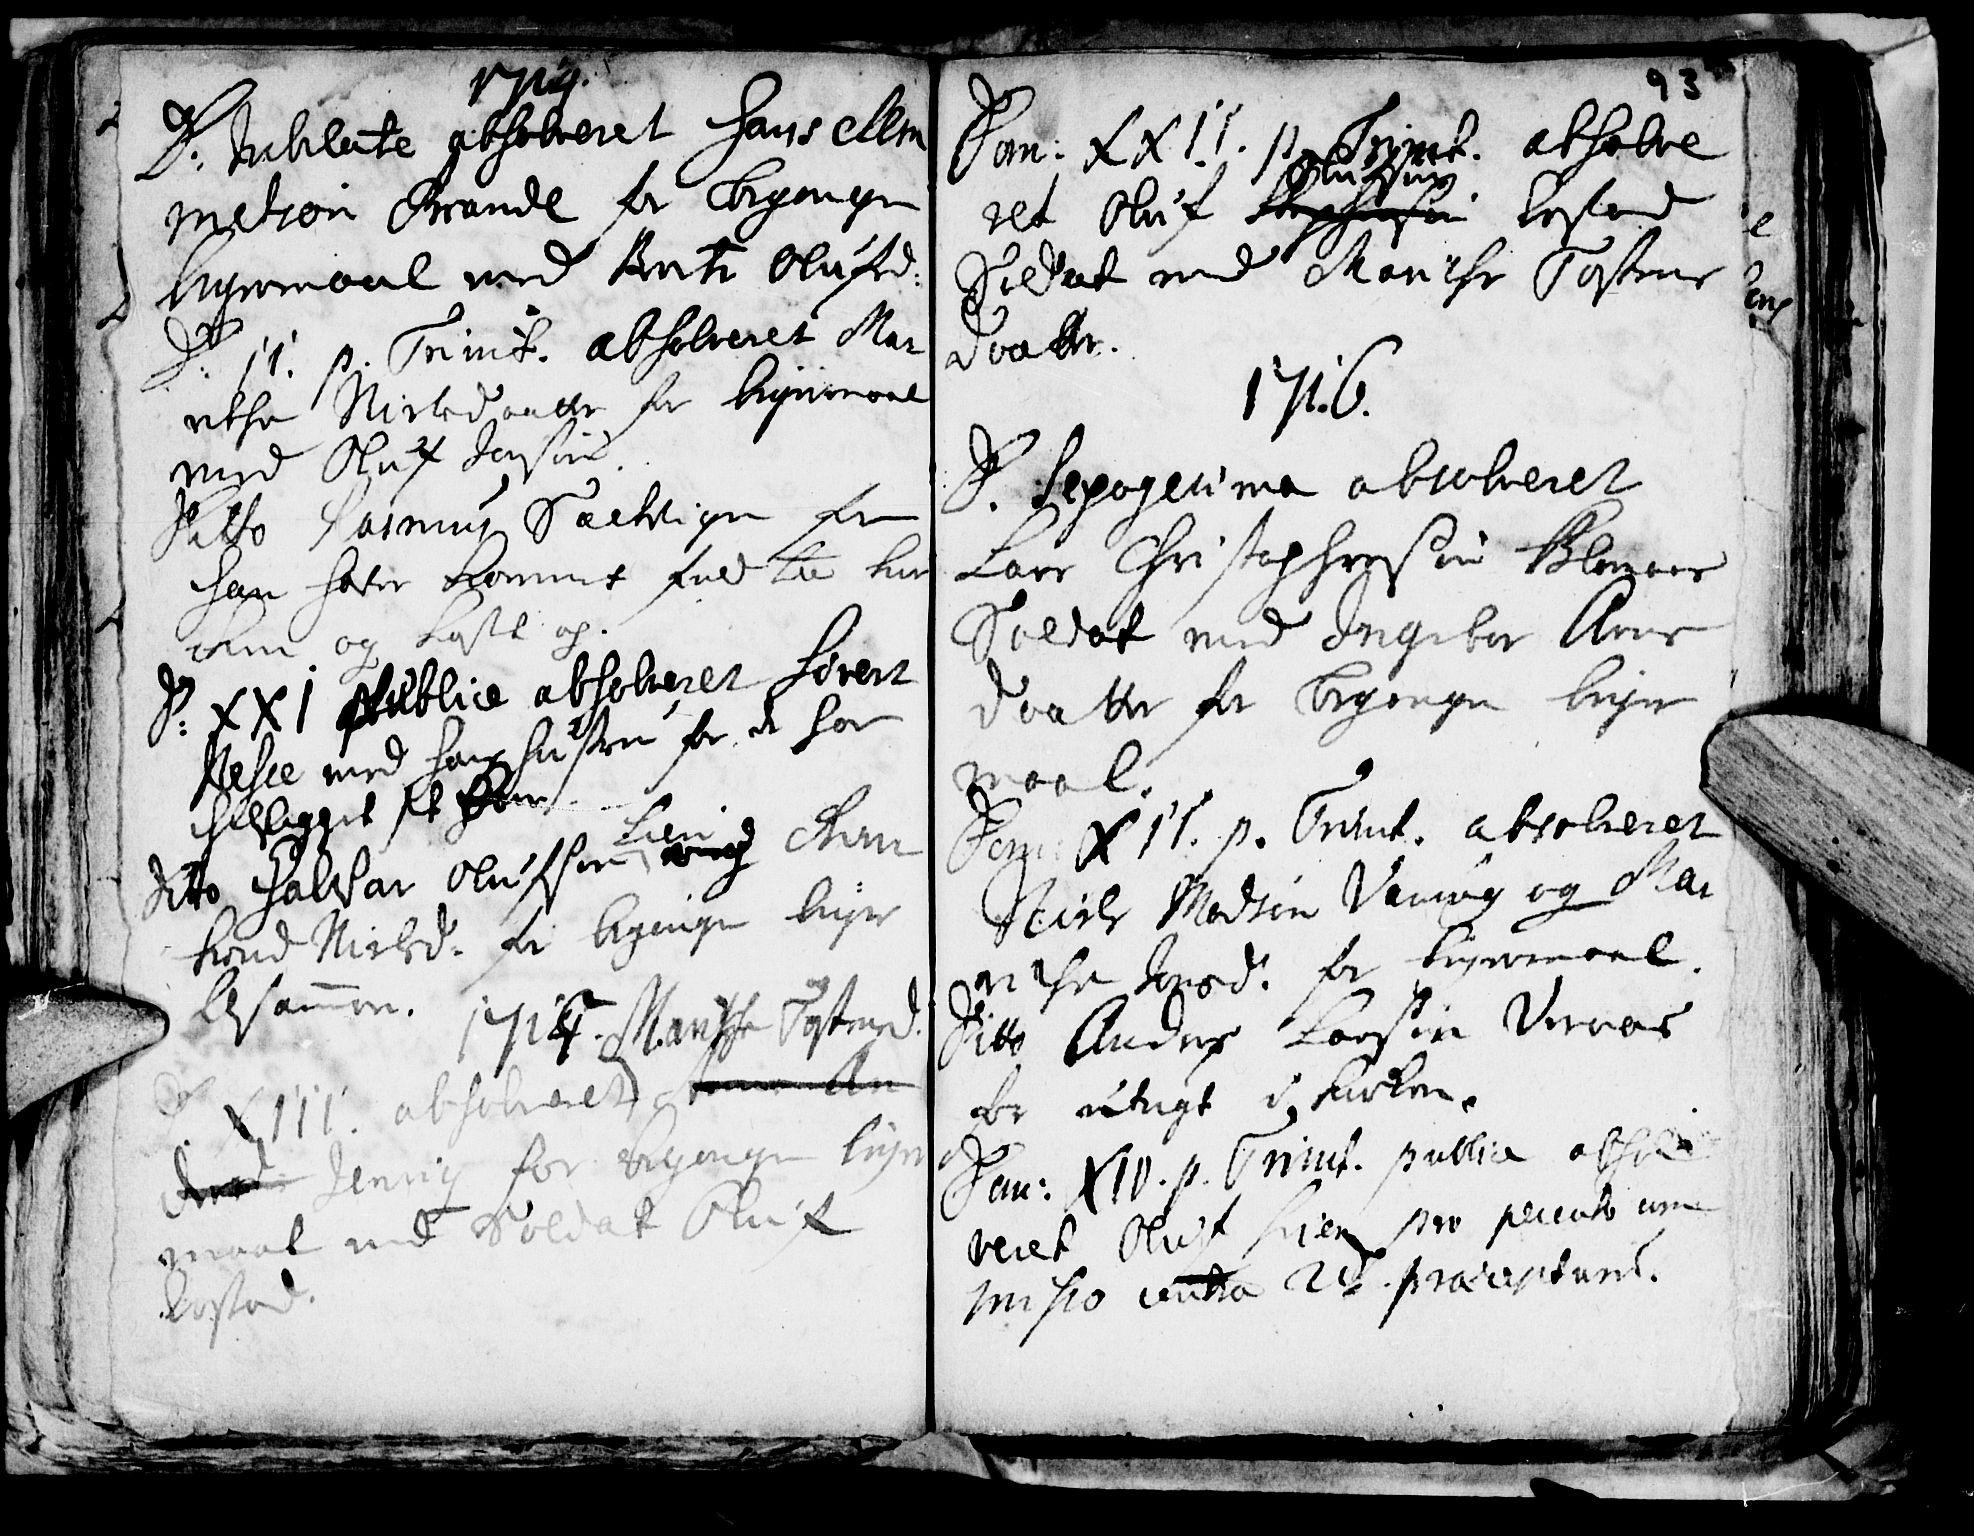 SAT, Ministerialprotokoller, klokkerbøker og fødselsregistre - Nord-Trøndelag, 722/L0214: Ministerialbok nr. 722A01, 1692-1718, s. 93